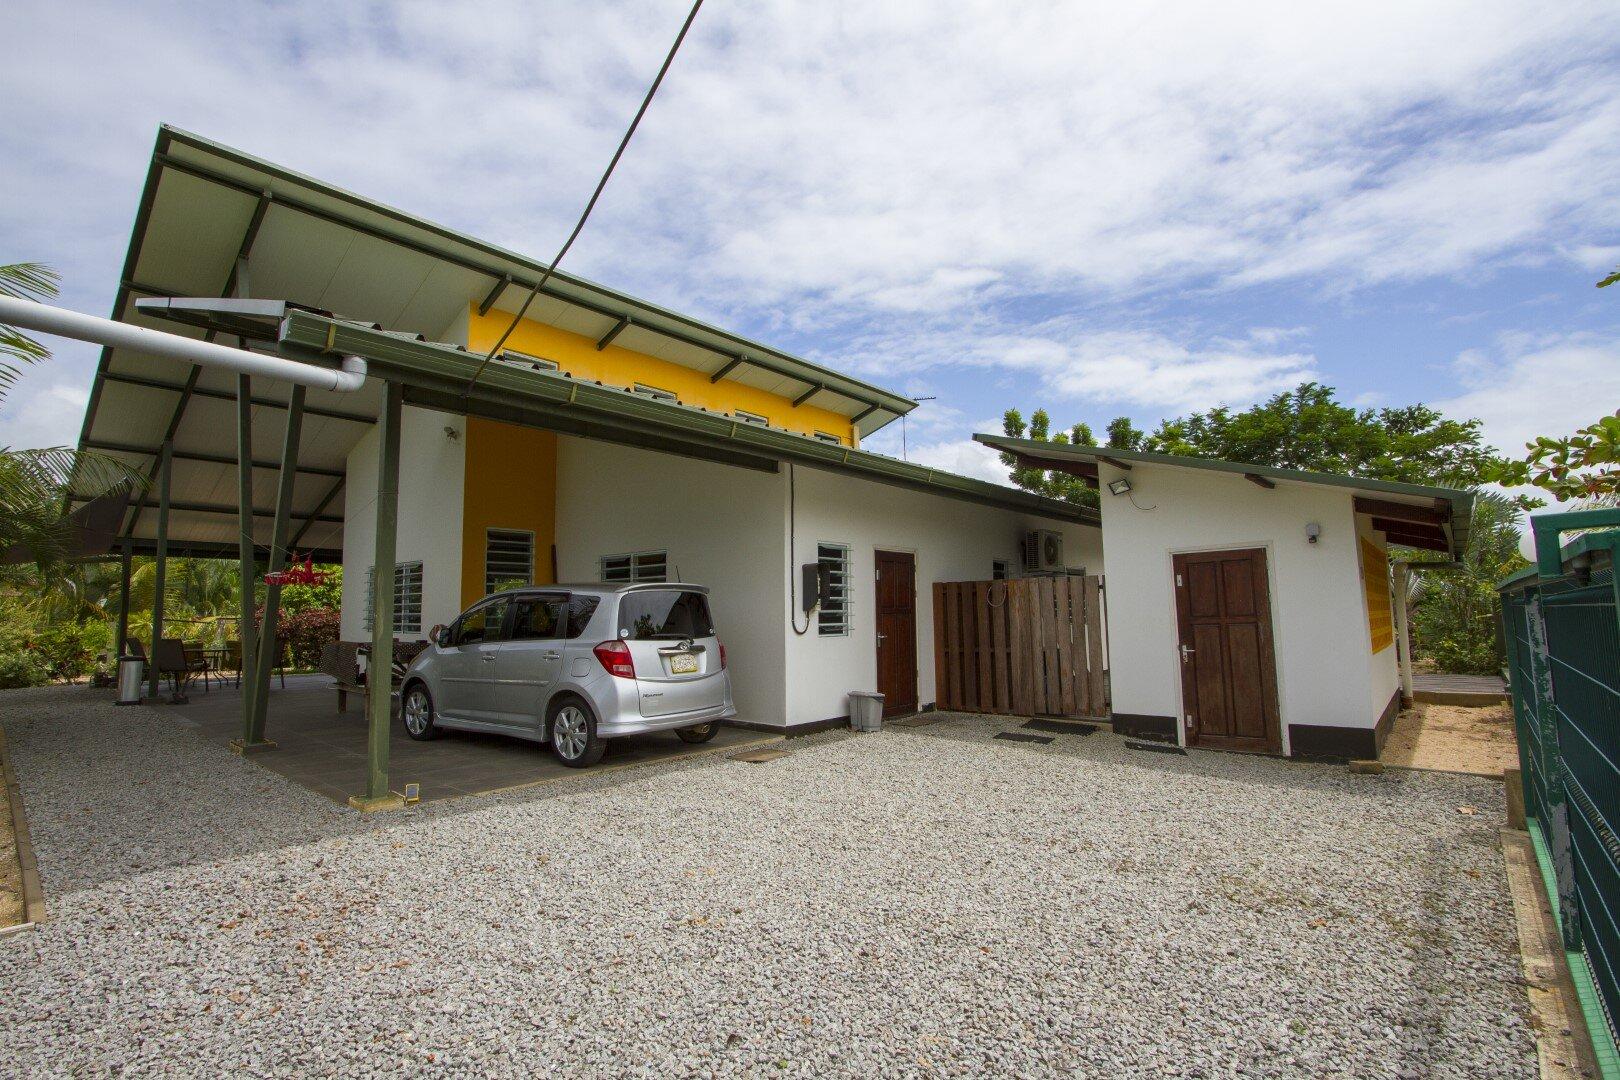 Garnalenweg - Rustig en comfortabel wonen op een ruim en flexibel terrein - Surgoed Makelaardij NV - Paramaribo, Suriname